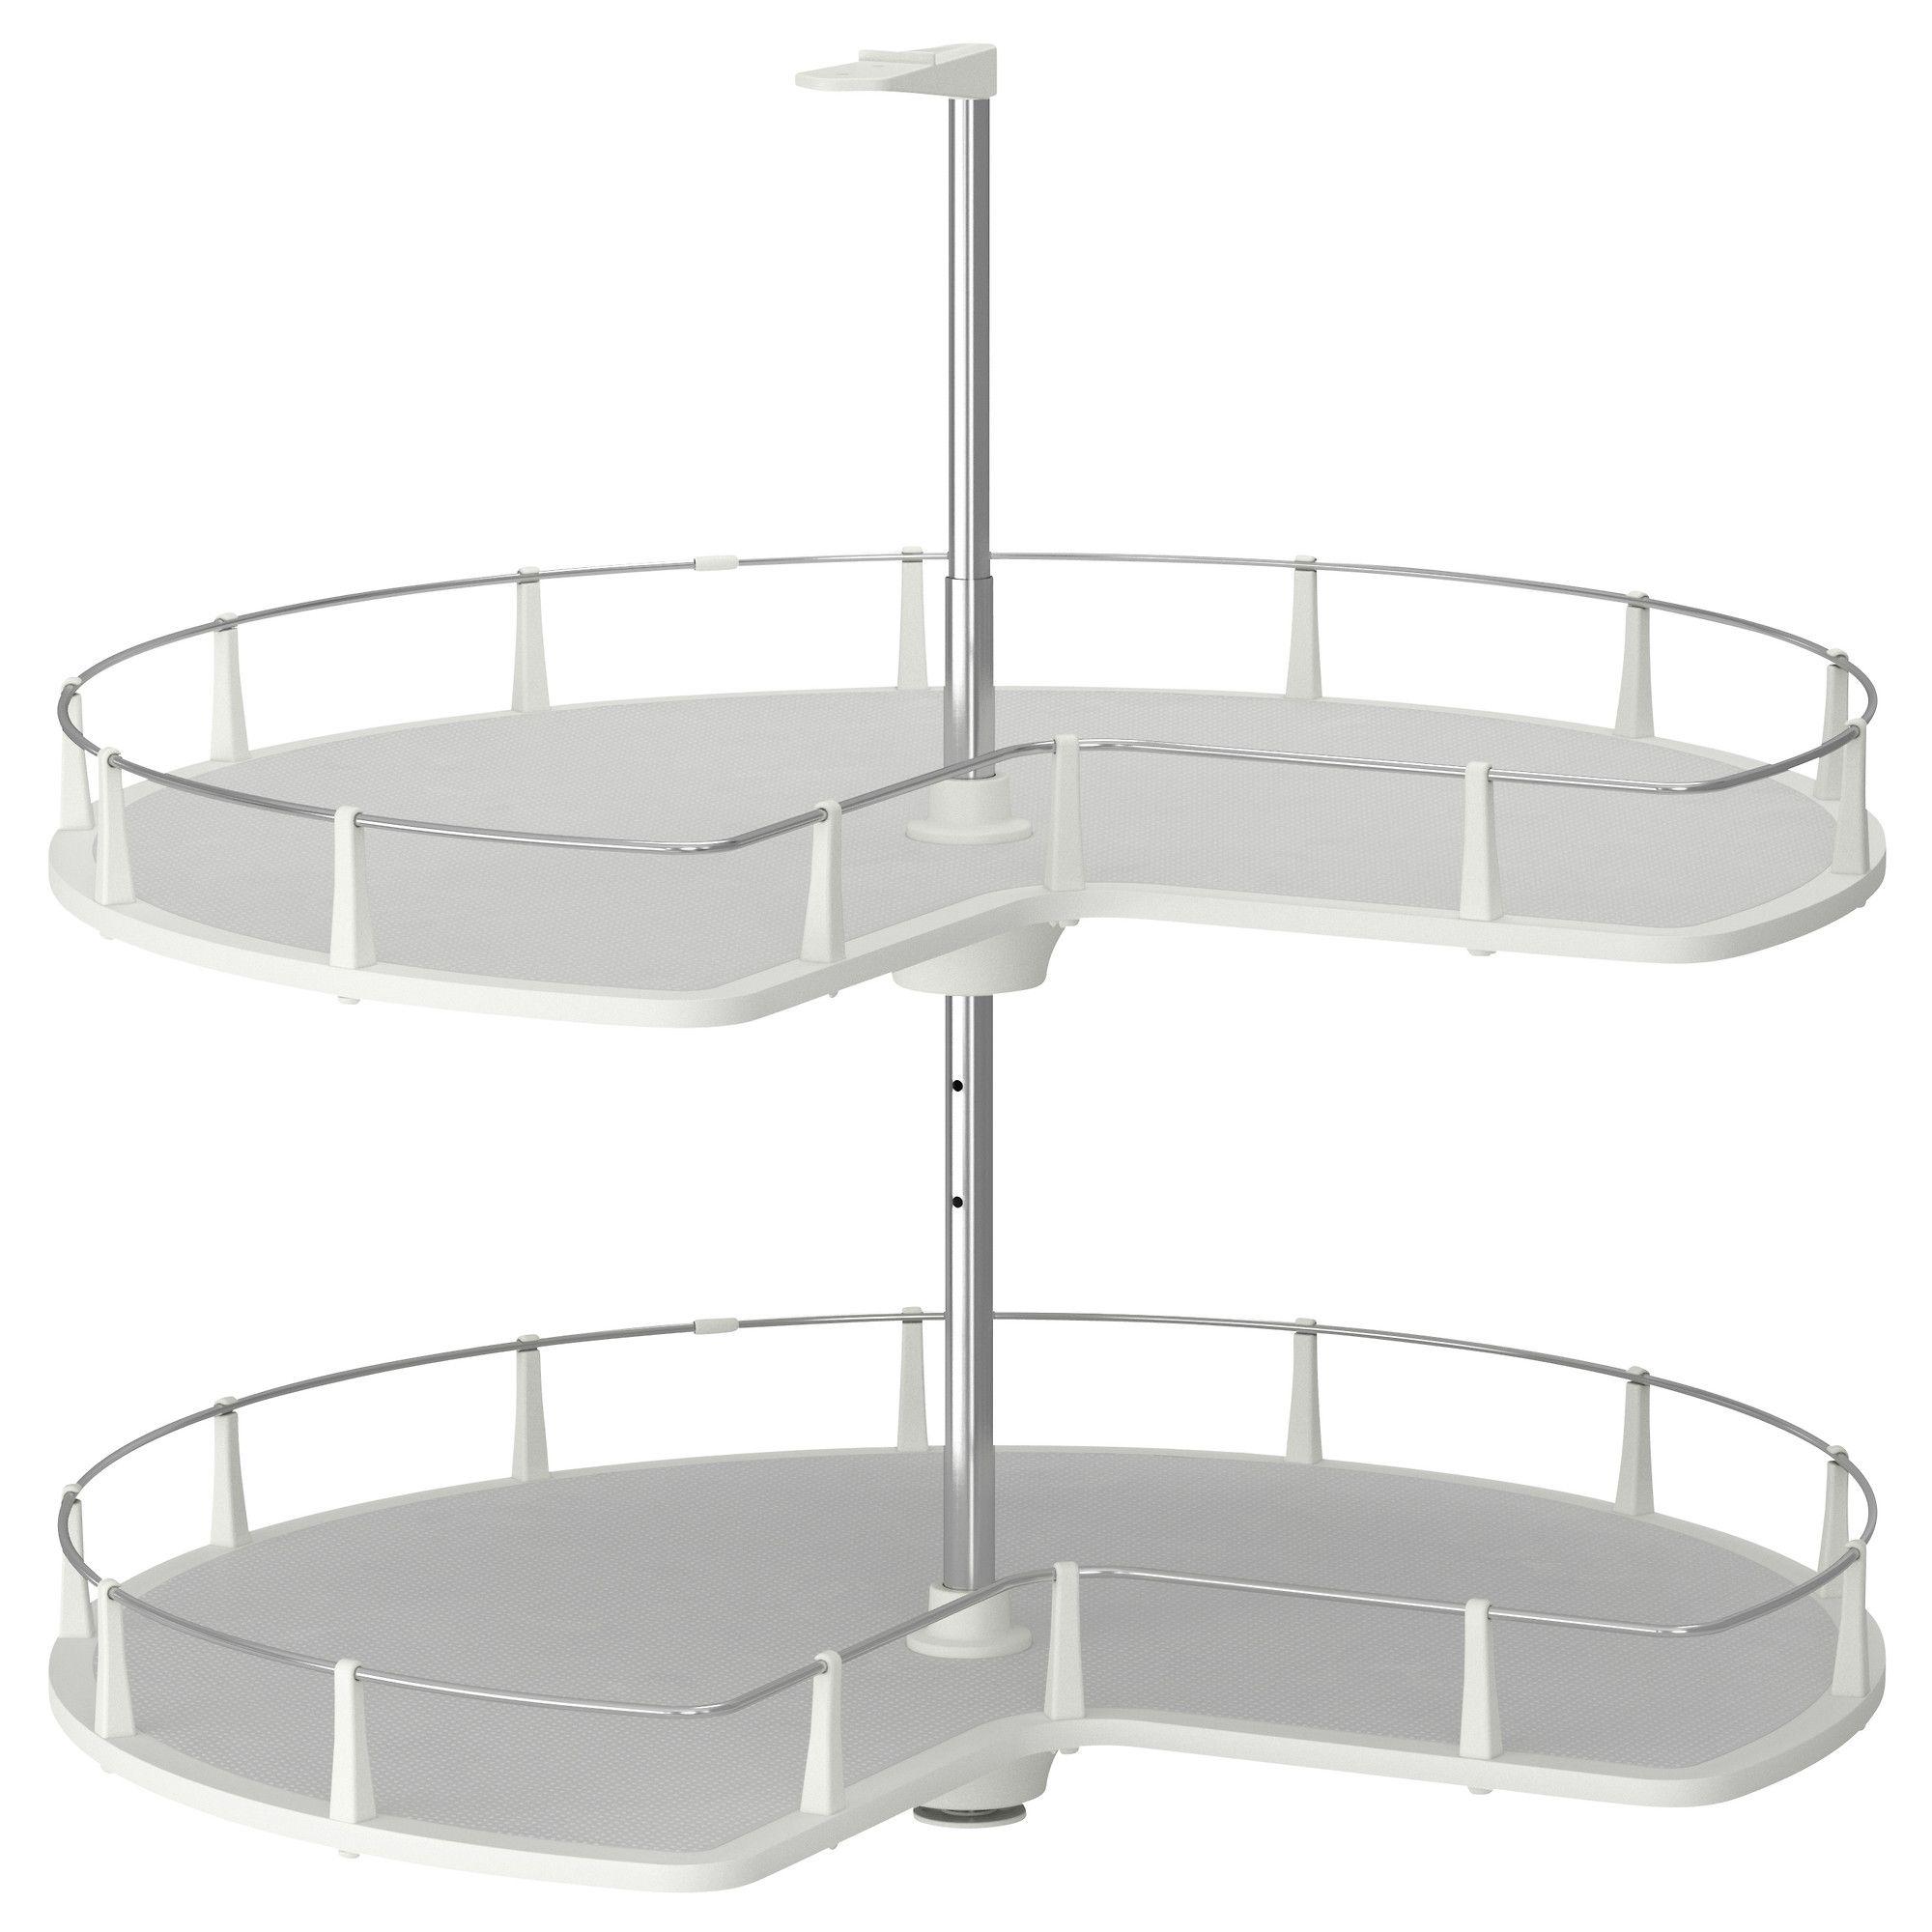 utrusta eckunterschrank karussell jetzt bestellen unter. Black Bedroom Furniture Sets. Home Design Ideas